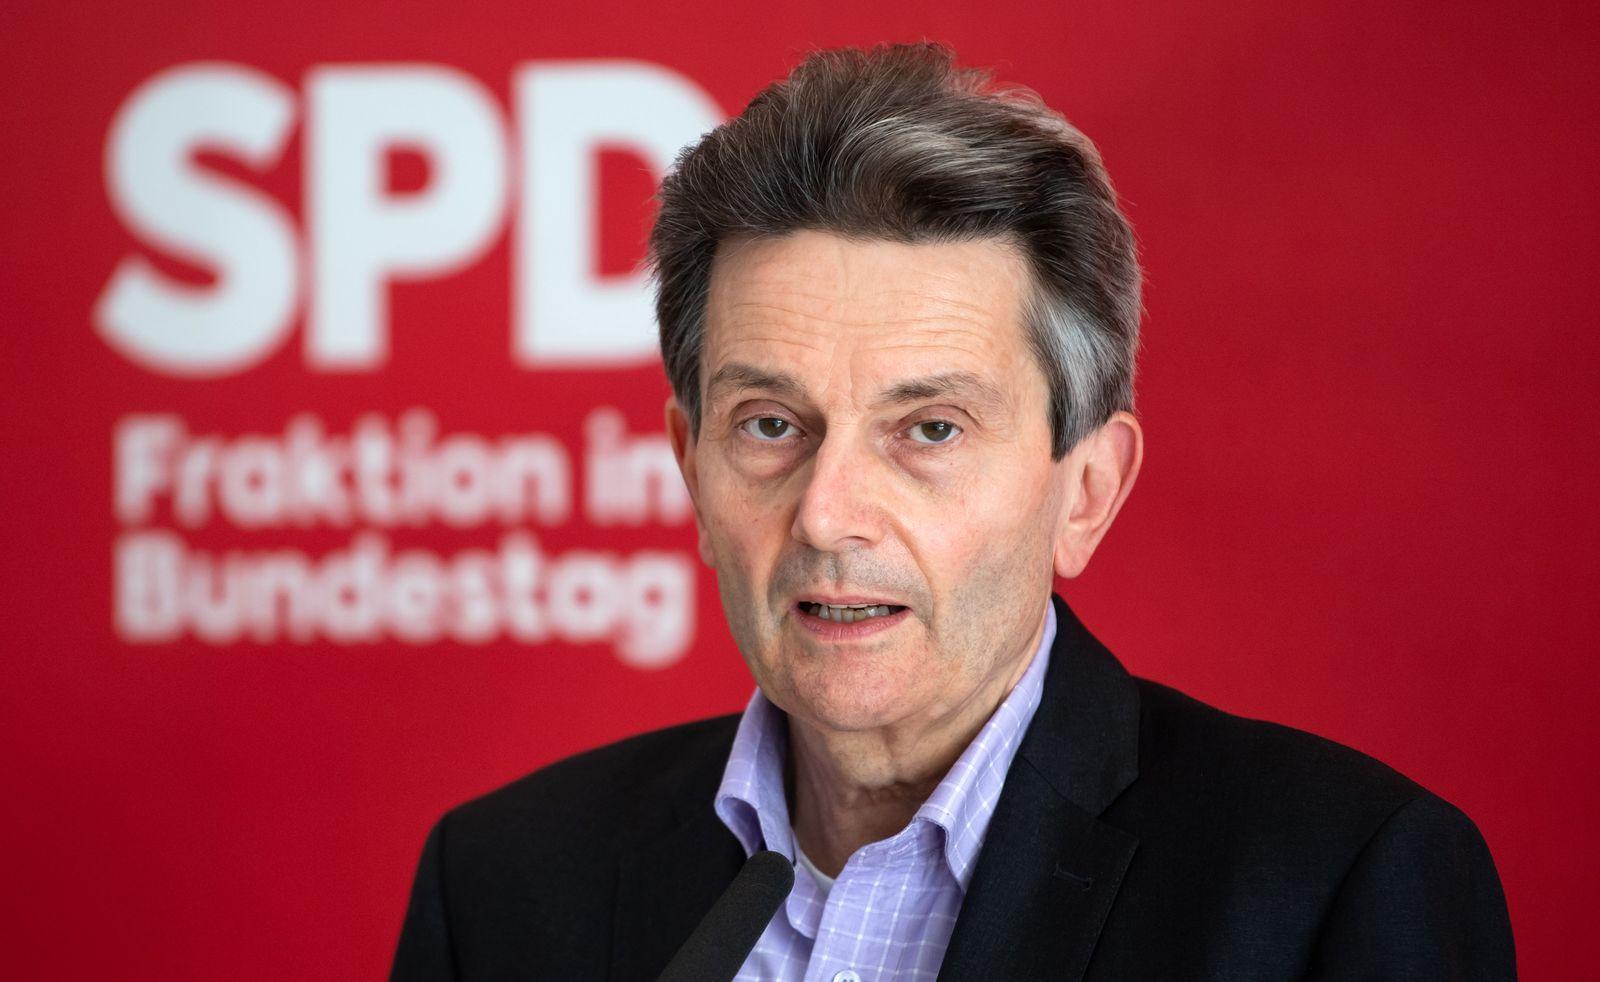 Kutschaty soll Spitzenkandidat bei NRW-Landtagswahlen werden